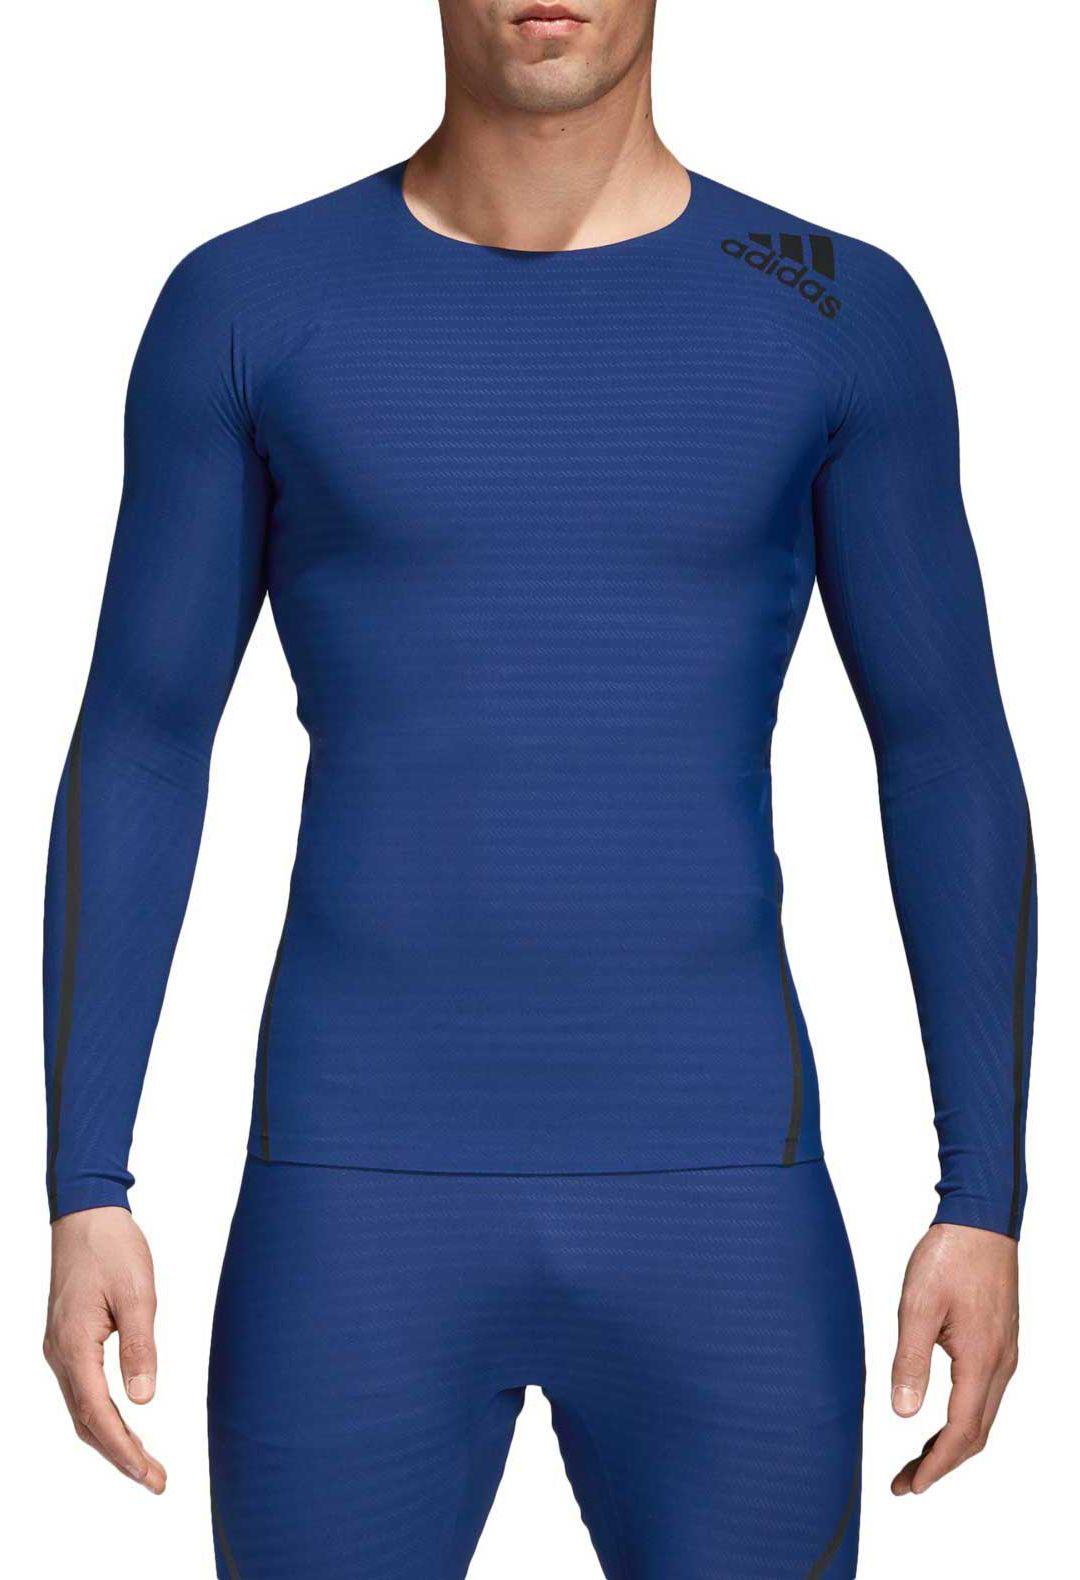 8f4d95ab9a775 adidas Men's Alphaskin 360 Long Sleeve Shirt. noImageFound. Previous. 1